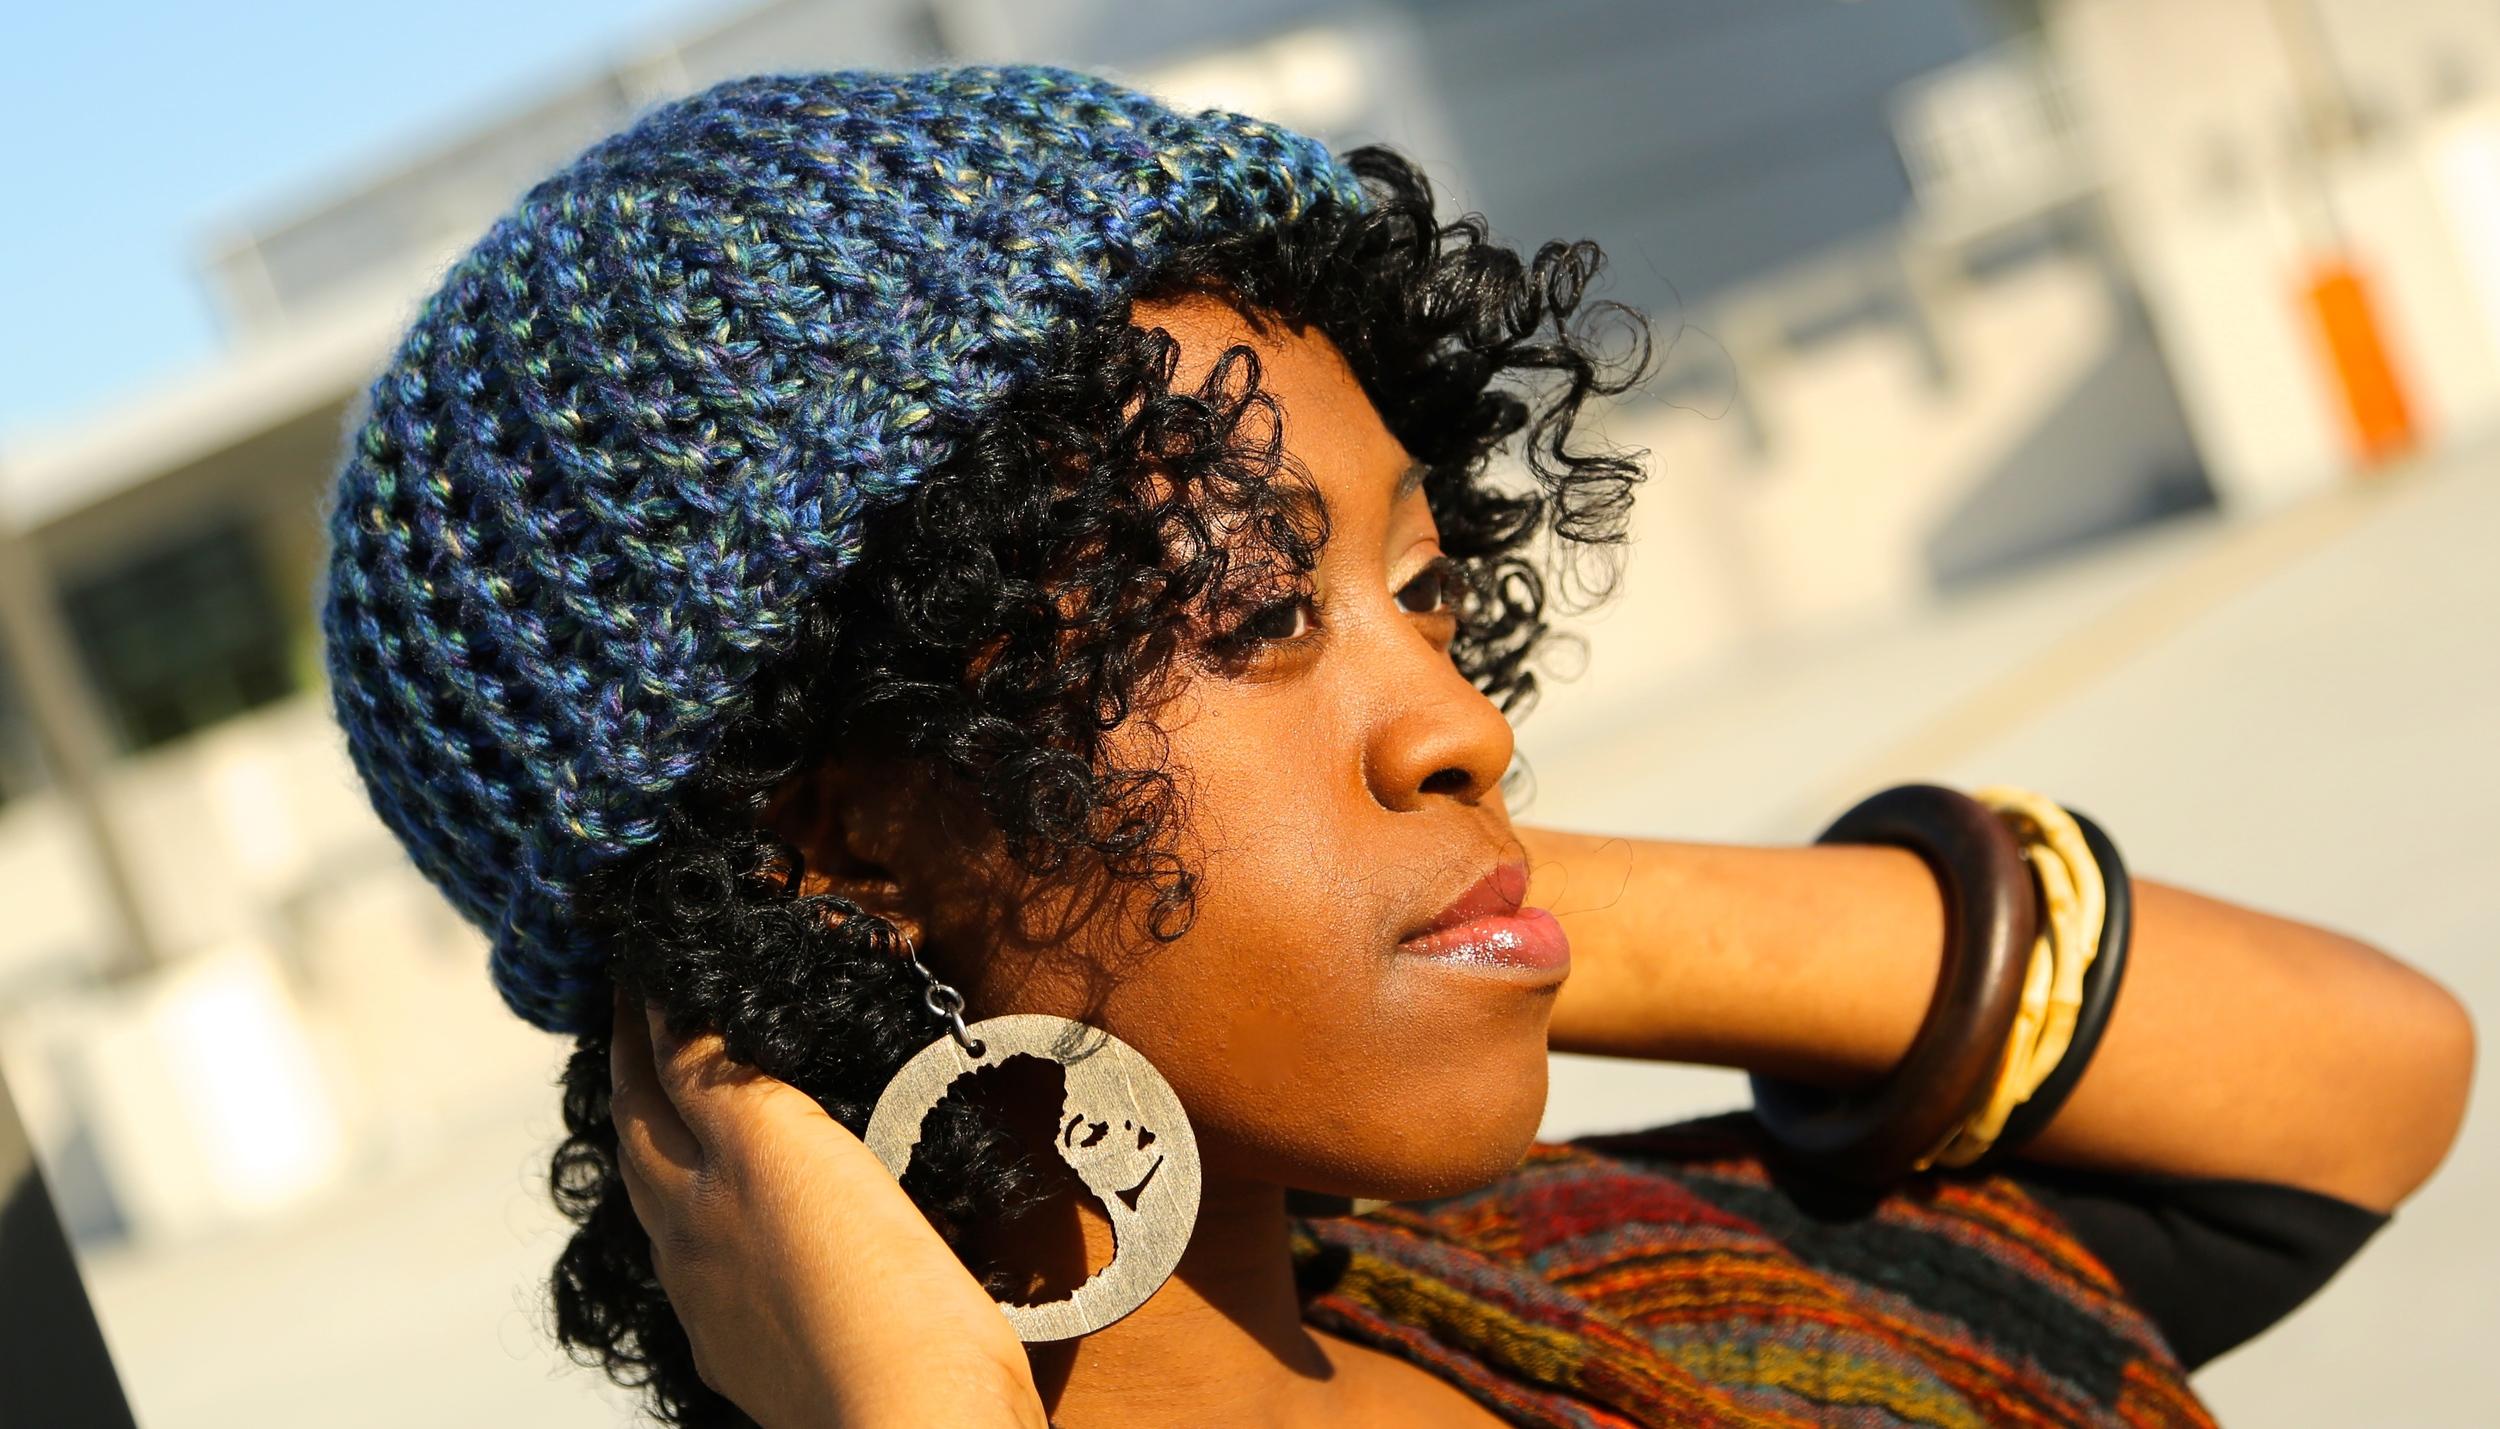 Hat by  KraftyKnits.com , Earrings by Toni Daley, Bone Bracelet by  www.LPieces.com